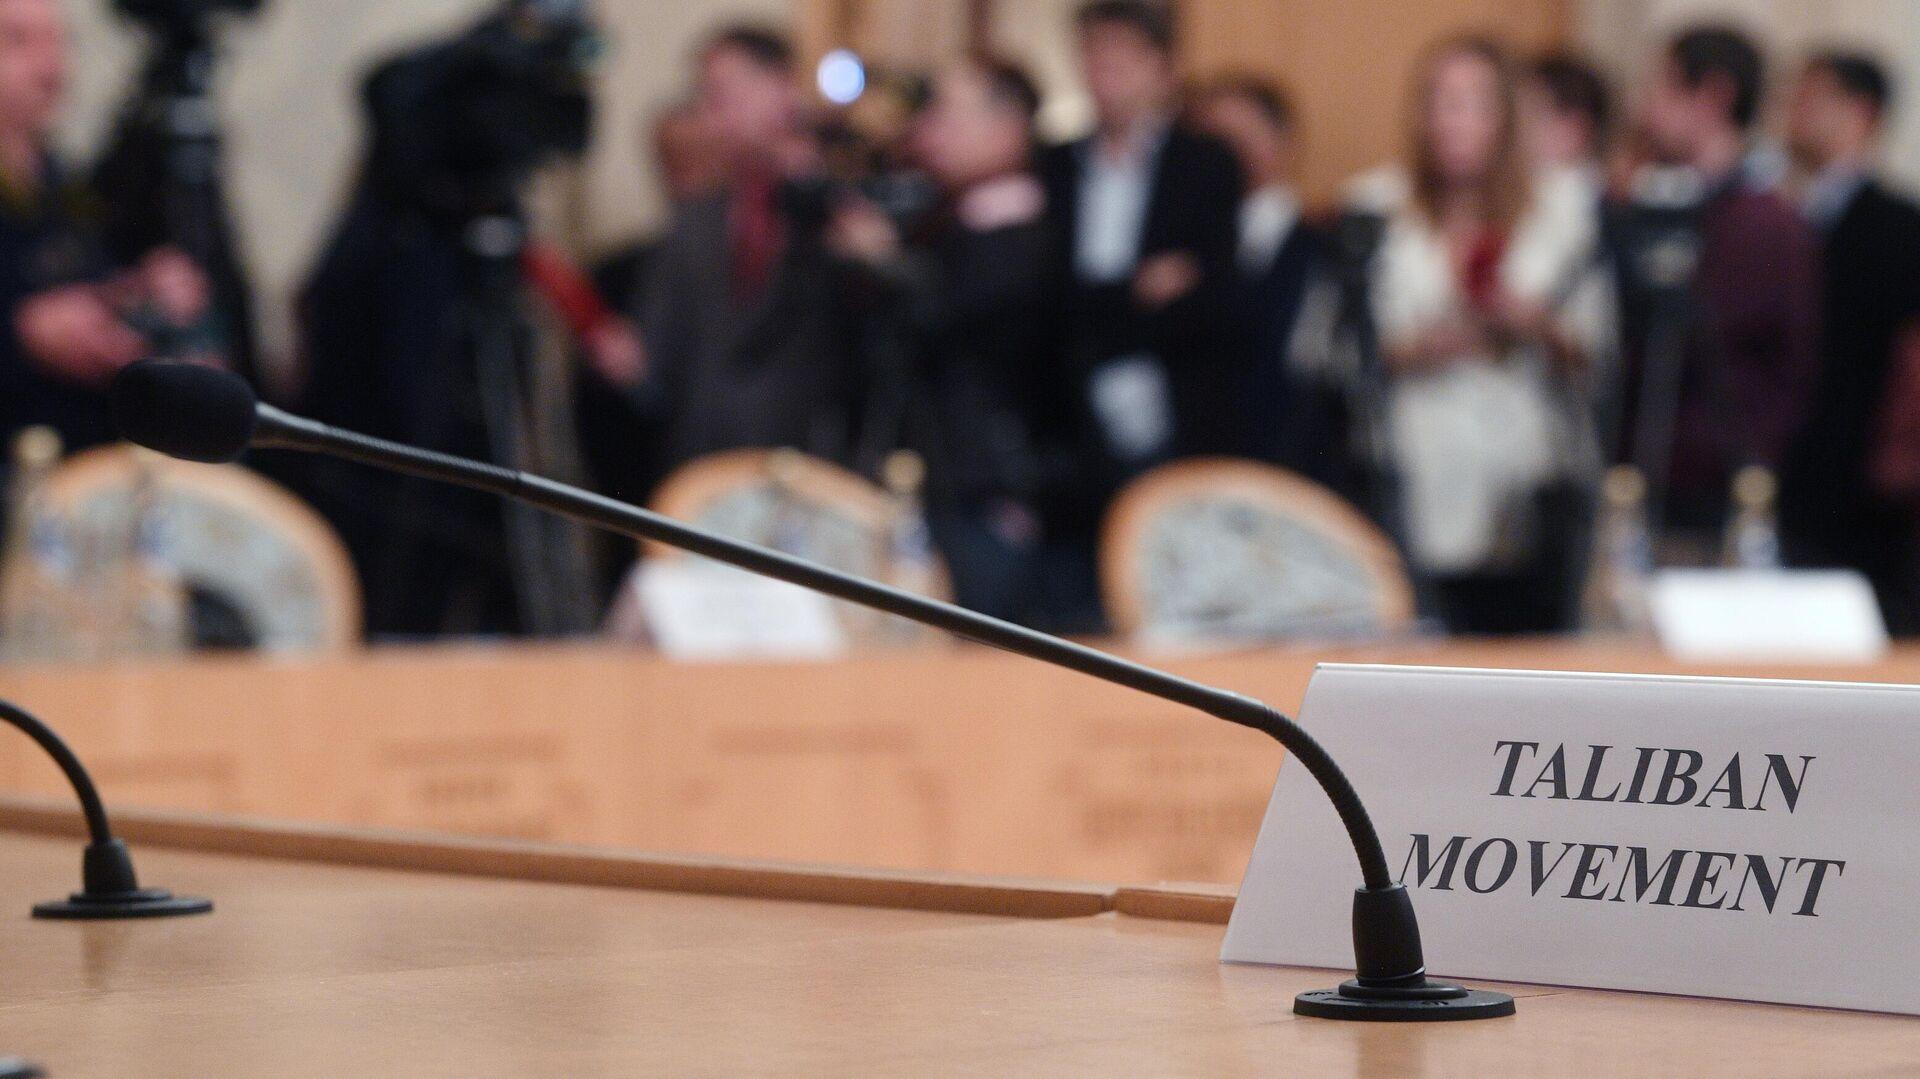 Табличка на столе представителей движения Талибан на заседании Московского формата консультаций по Афганистану - РИА Новости, 1920, 24.09.2021